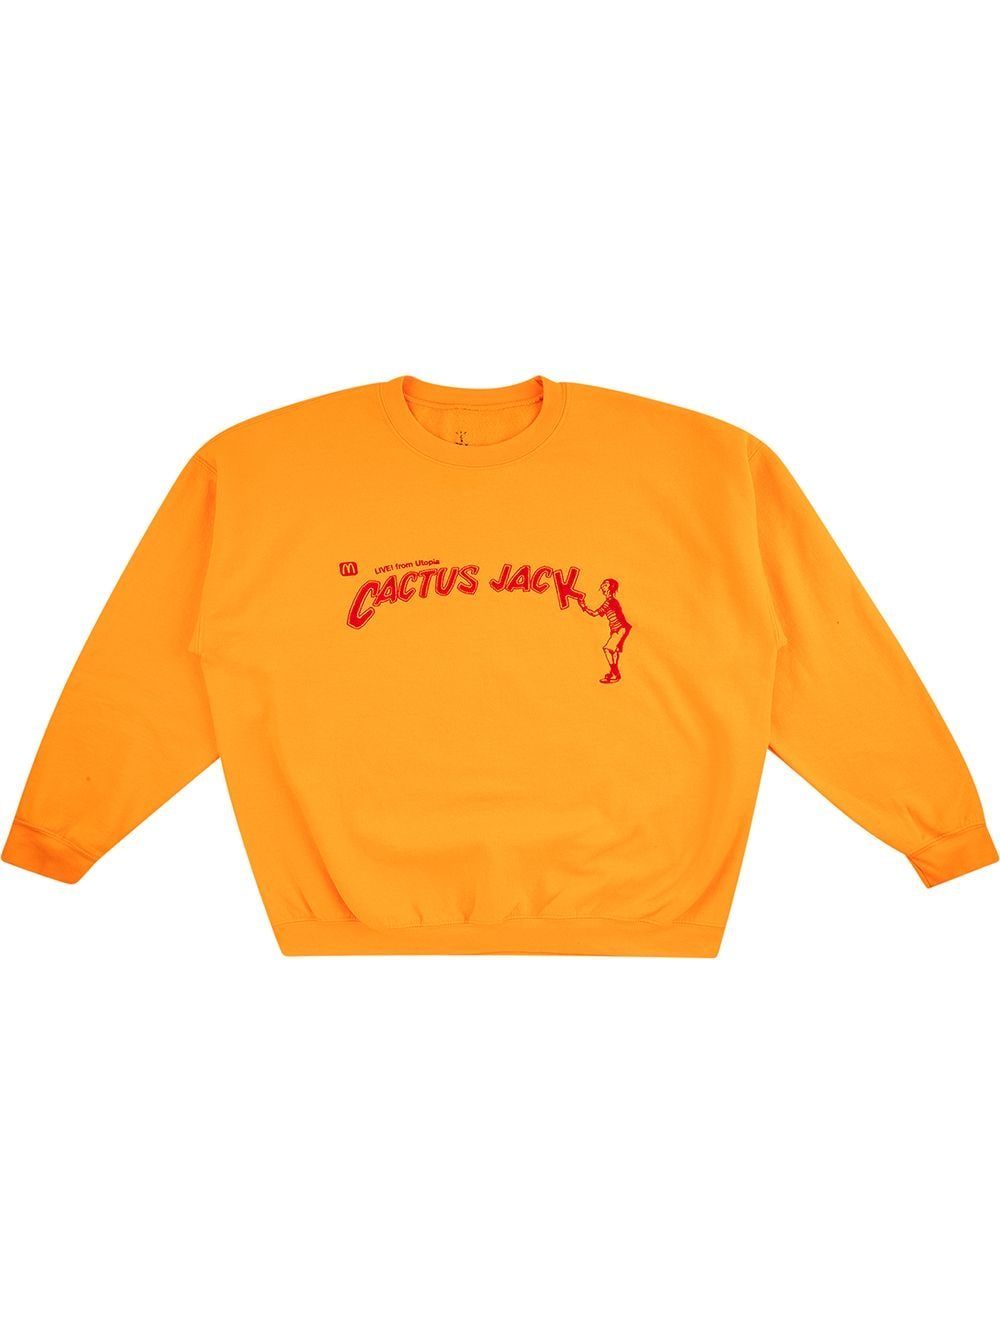 Travis Scott Astroworld x McDonald's Cactus Jack Spelling sweatshirt - Gelb